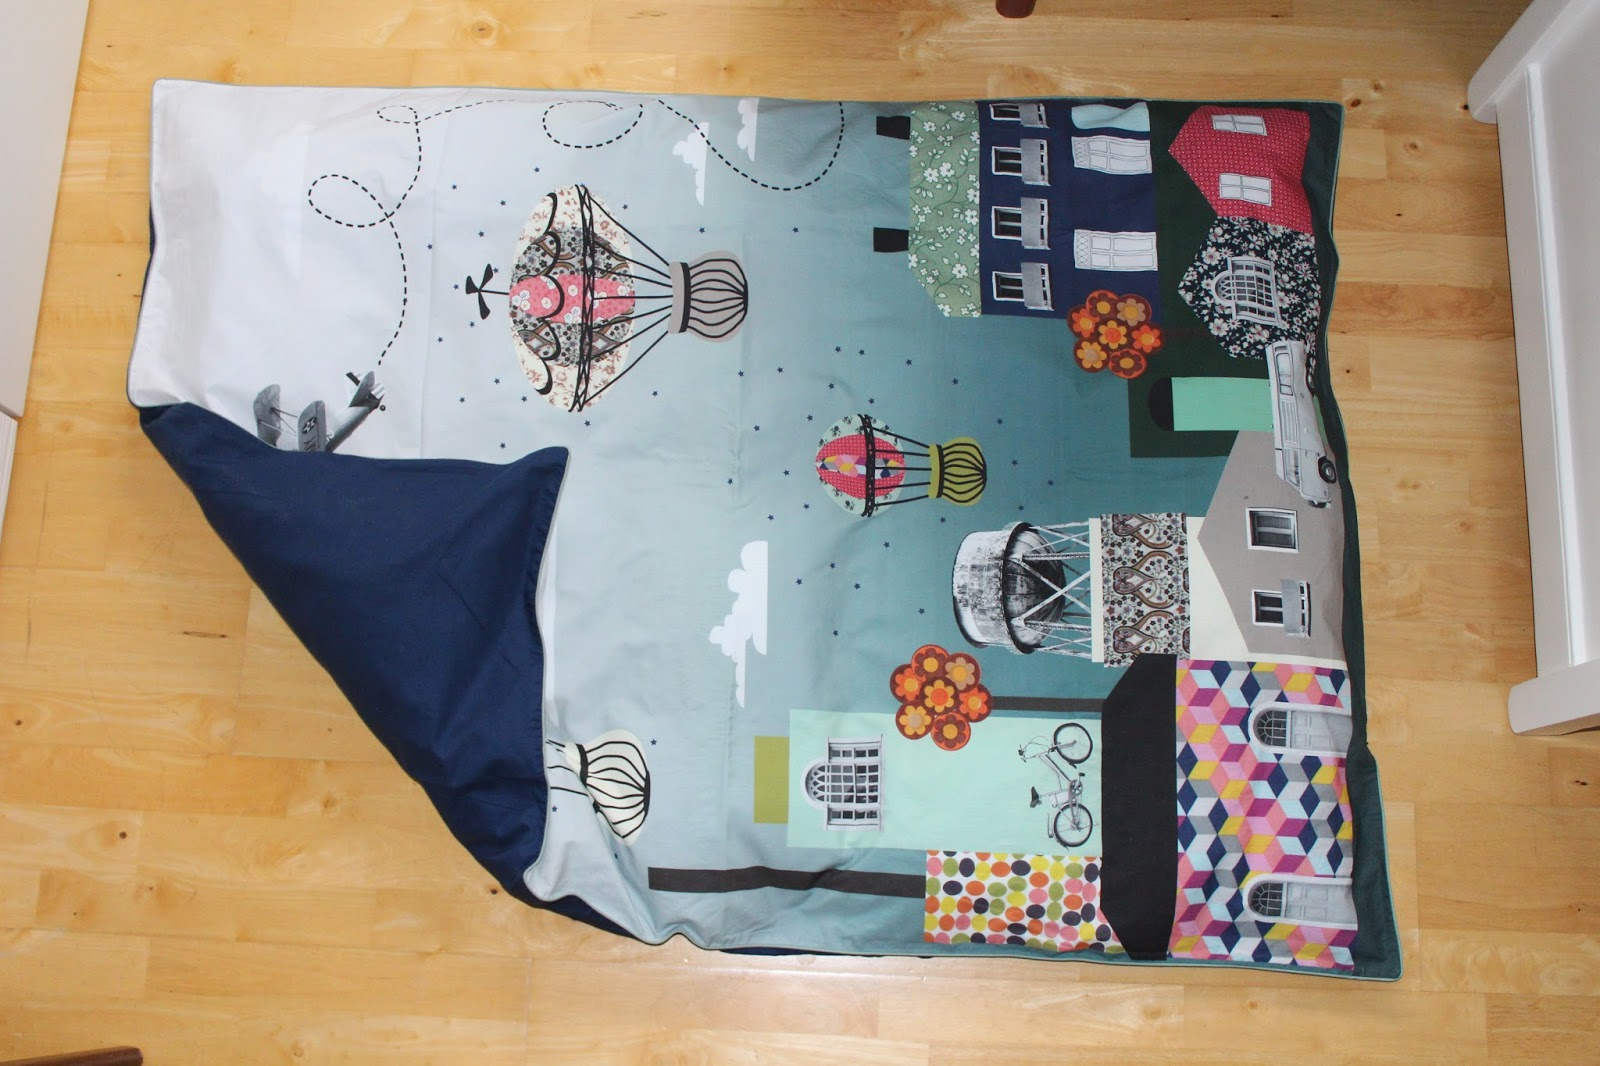 sengetøj med lynlås Mbunde: Sengetøj med luftballoner og lynlås sengetøj med lynlås